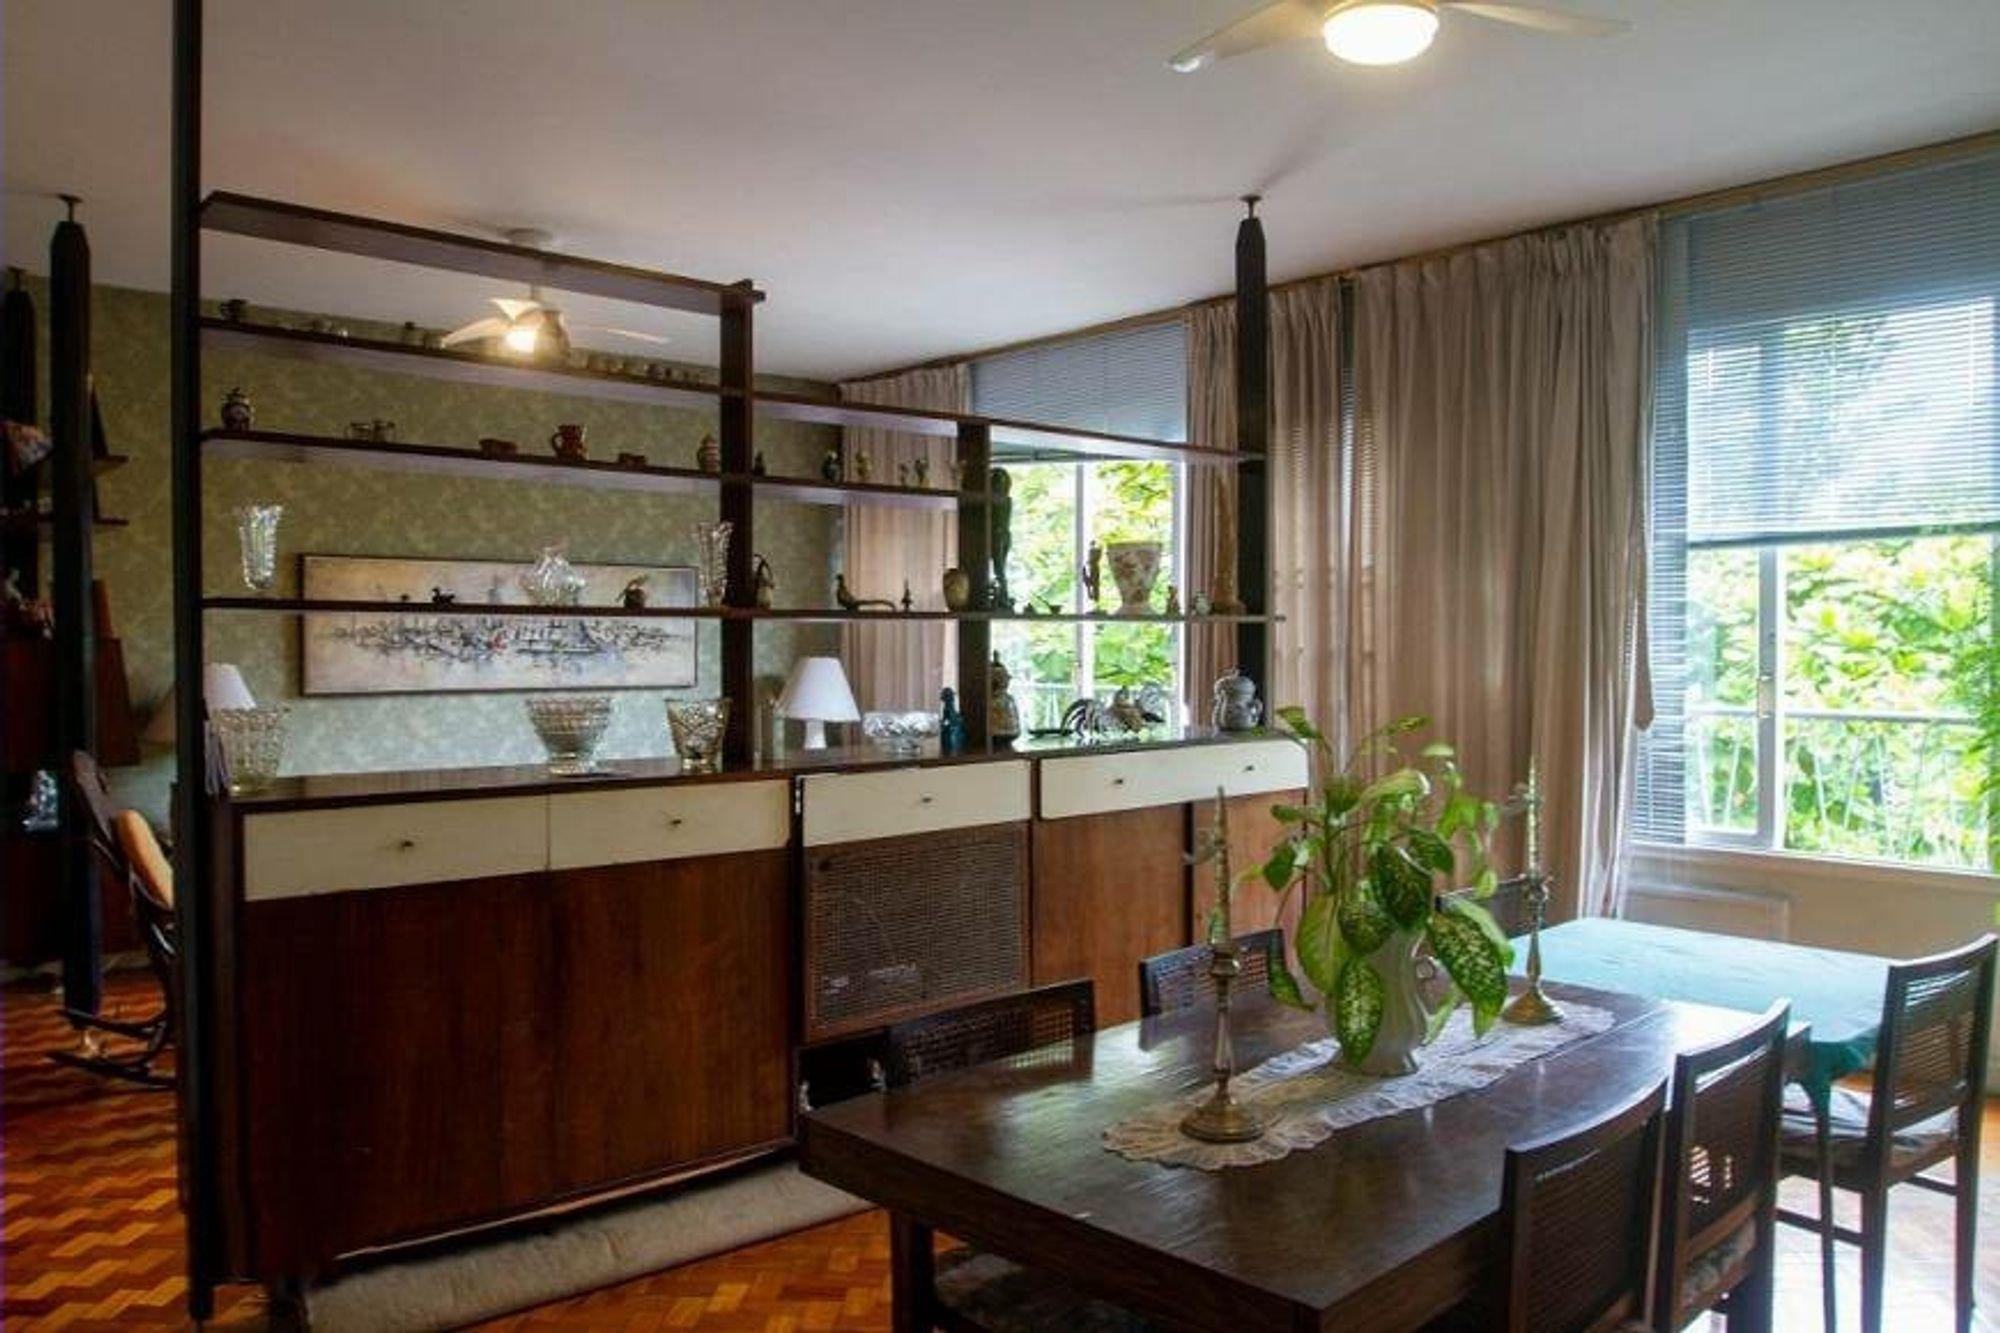 Foto de Sala com vaso de planta, vaso, cadeira, mesa de jantar